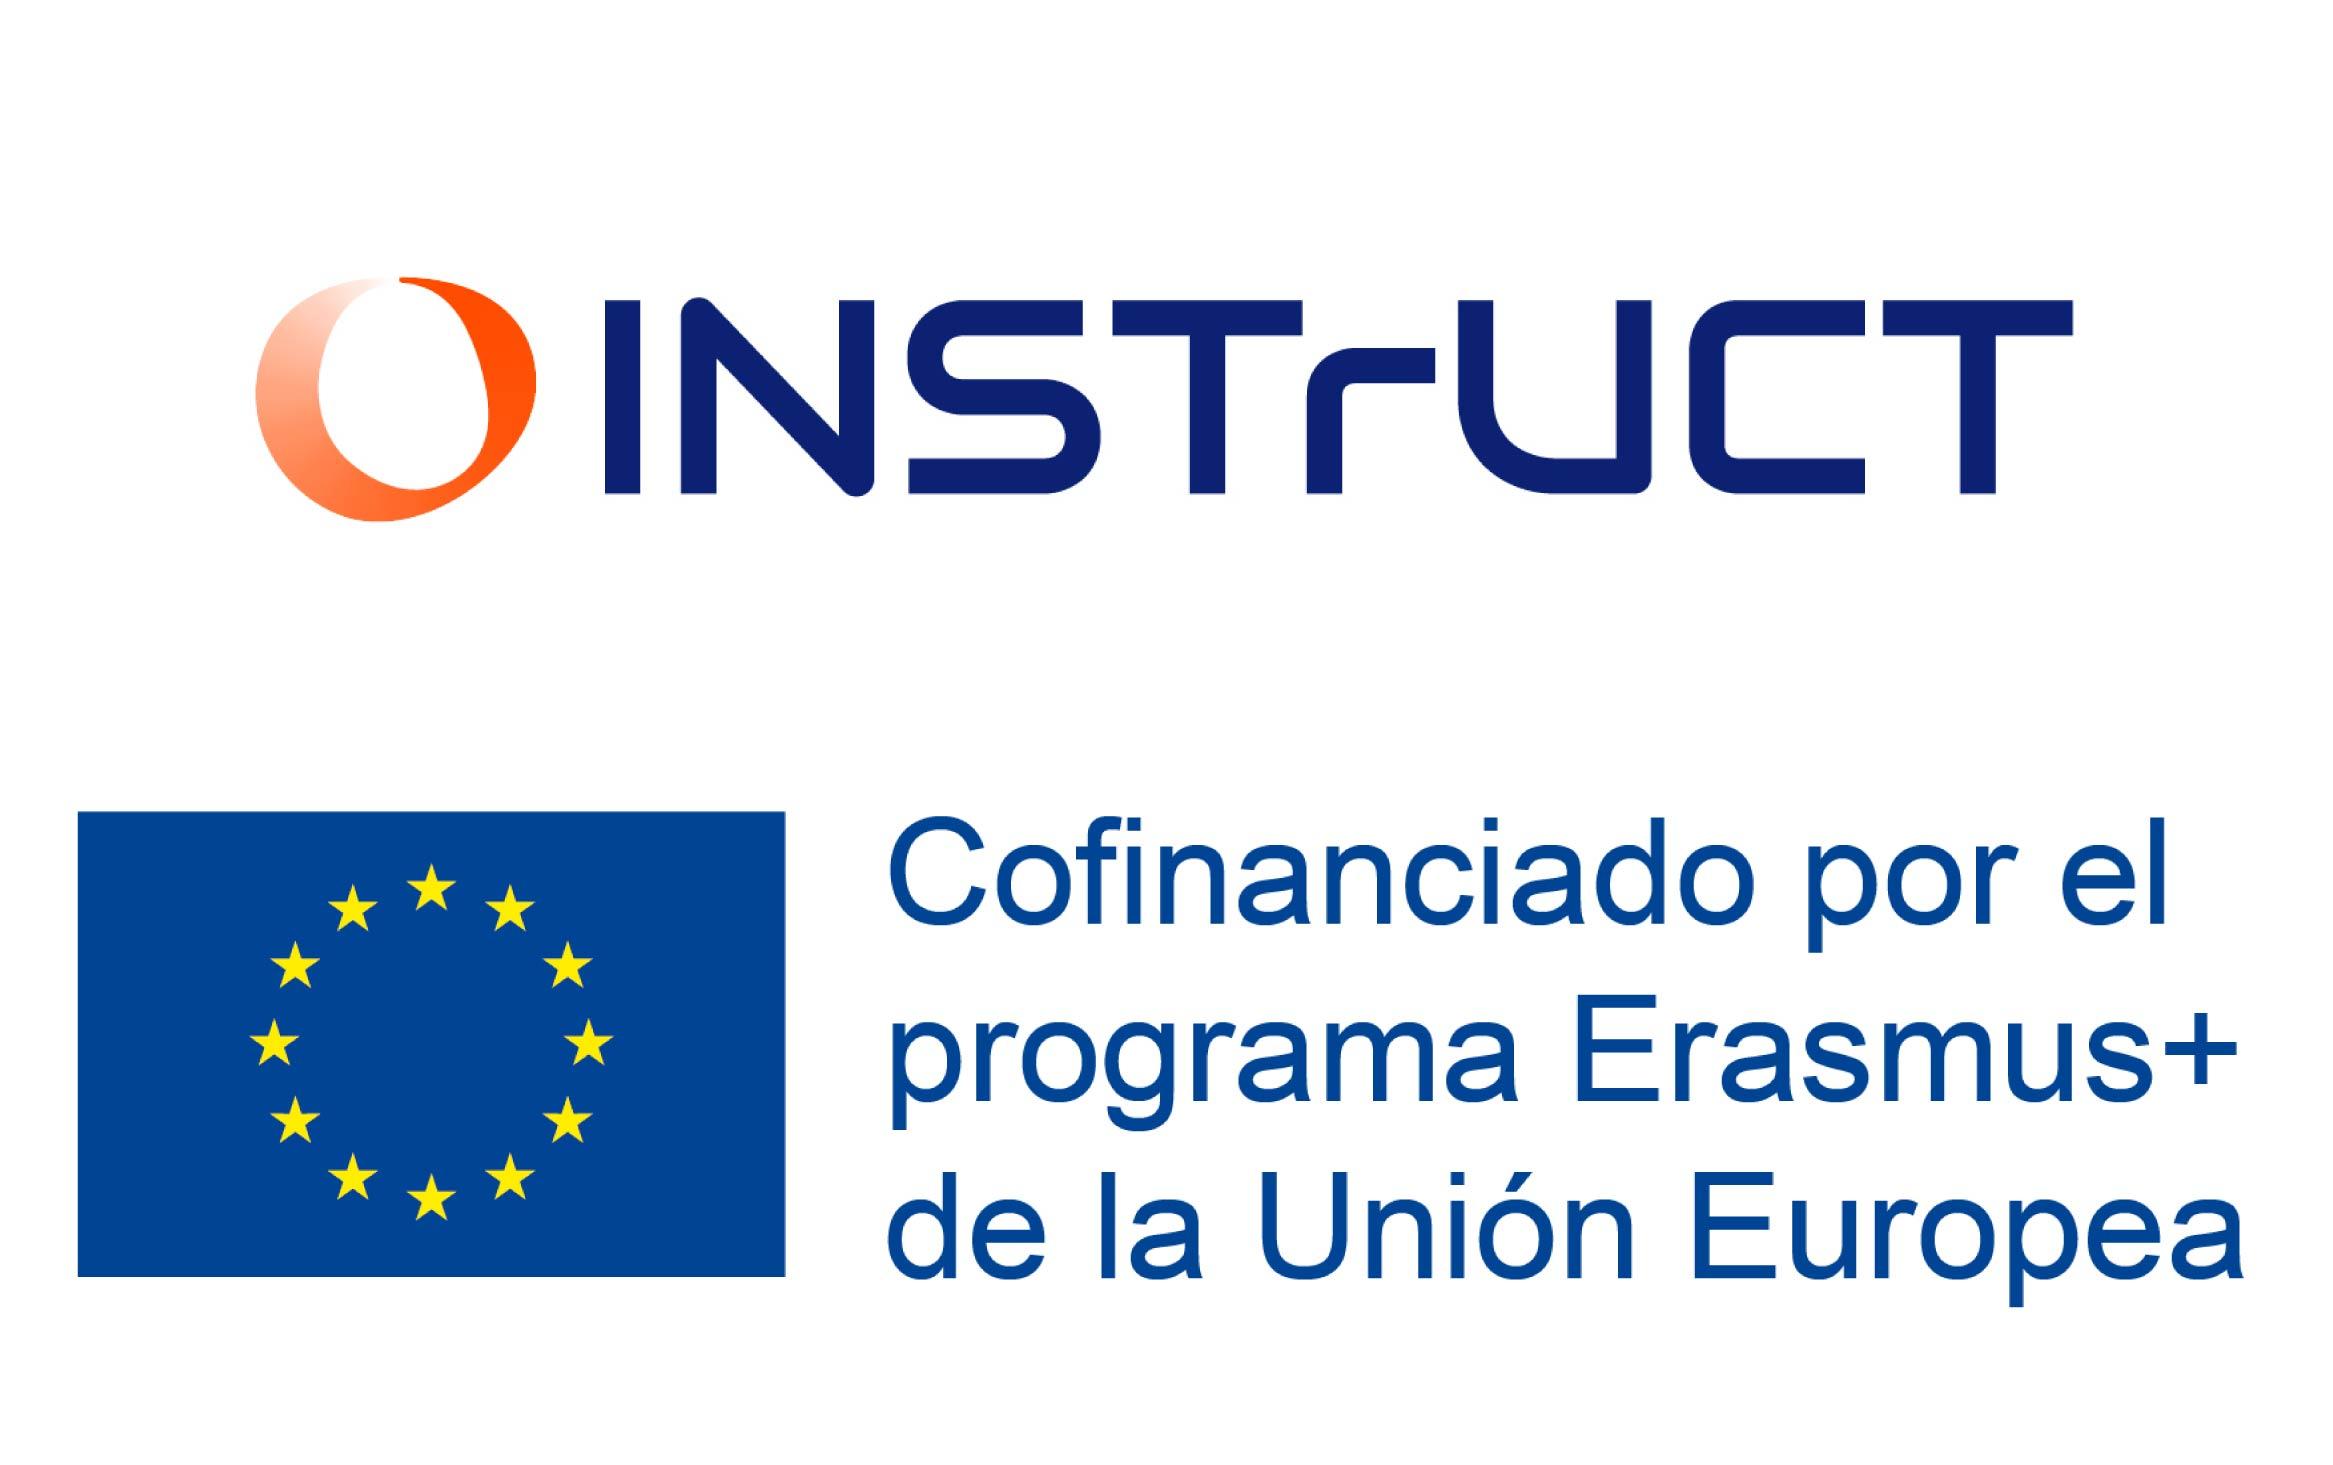 INSTrUCT: recurso educativo innovador de aprendizaje virtual para mejorar el conocimiento y las habilidades para dejar de fumar en los grados de atención a la salud en la educación superior